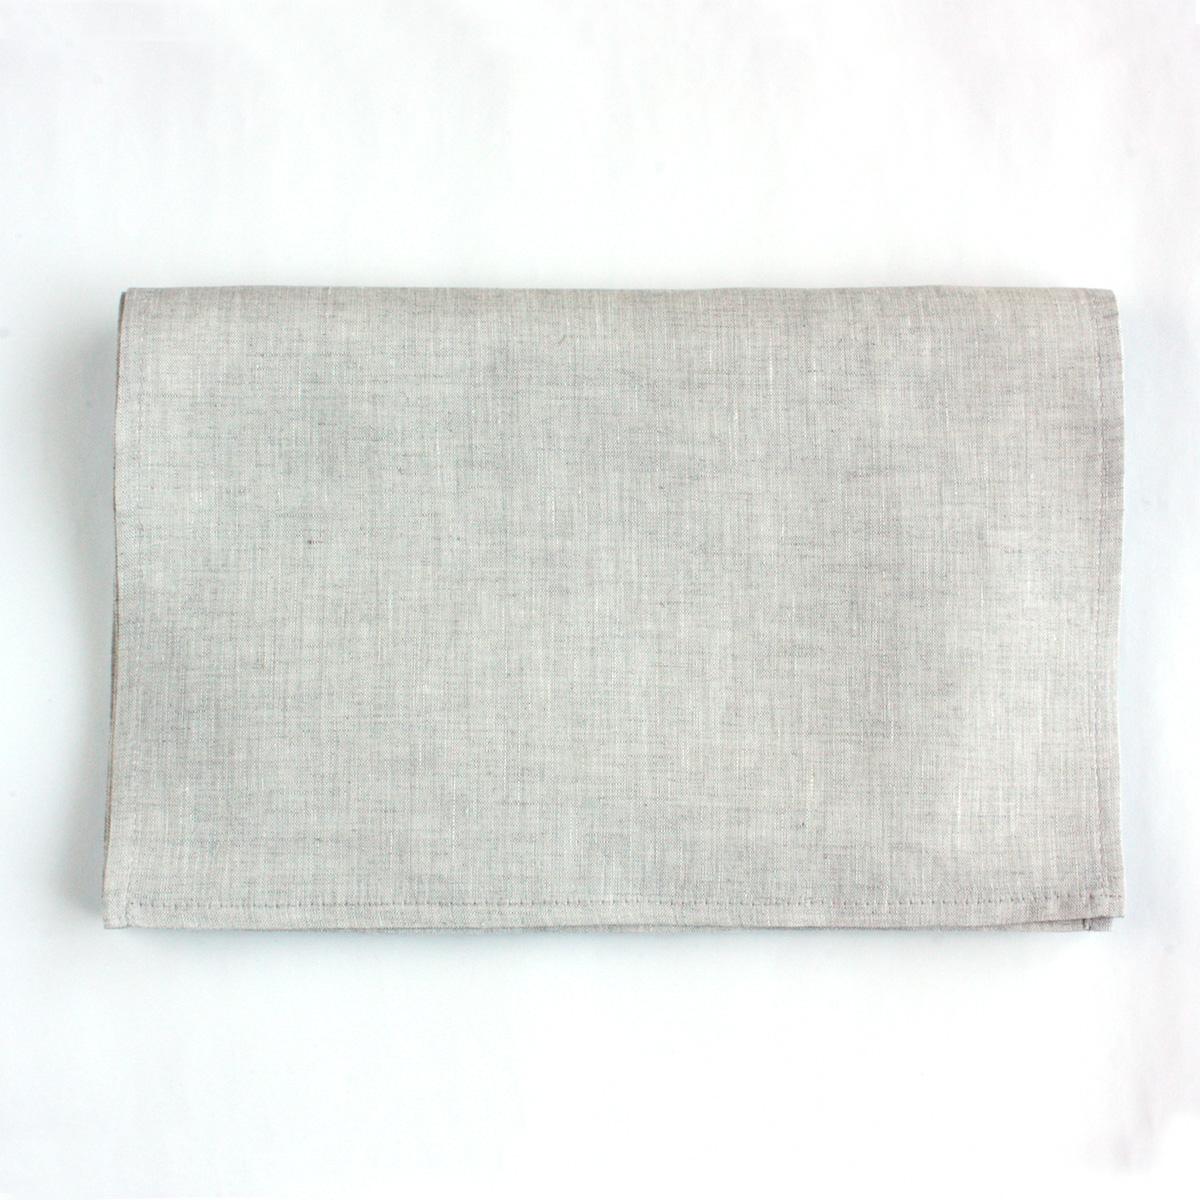 Cadeauya【 てぬぐい / フェイスタオル 】手ぬぐい ピュアリネン 生成り 無地 32×91cm